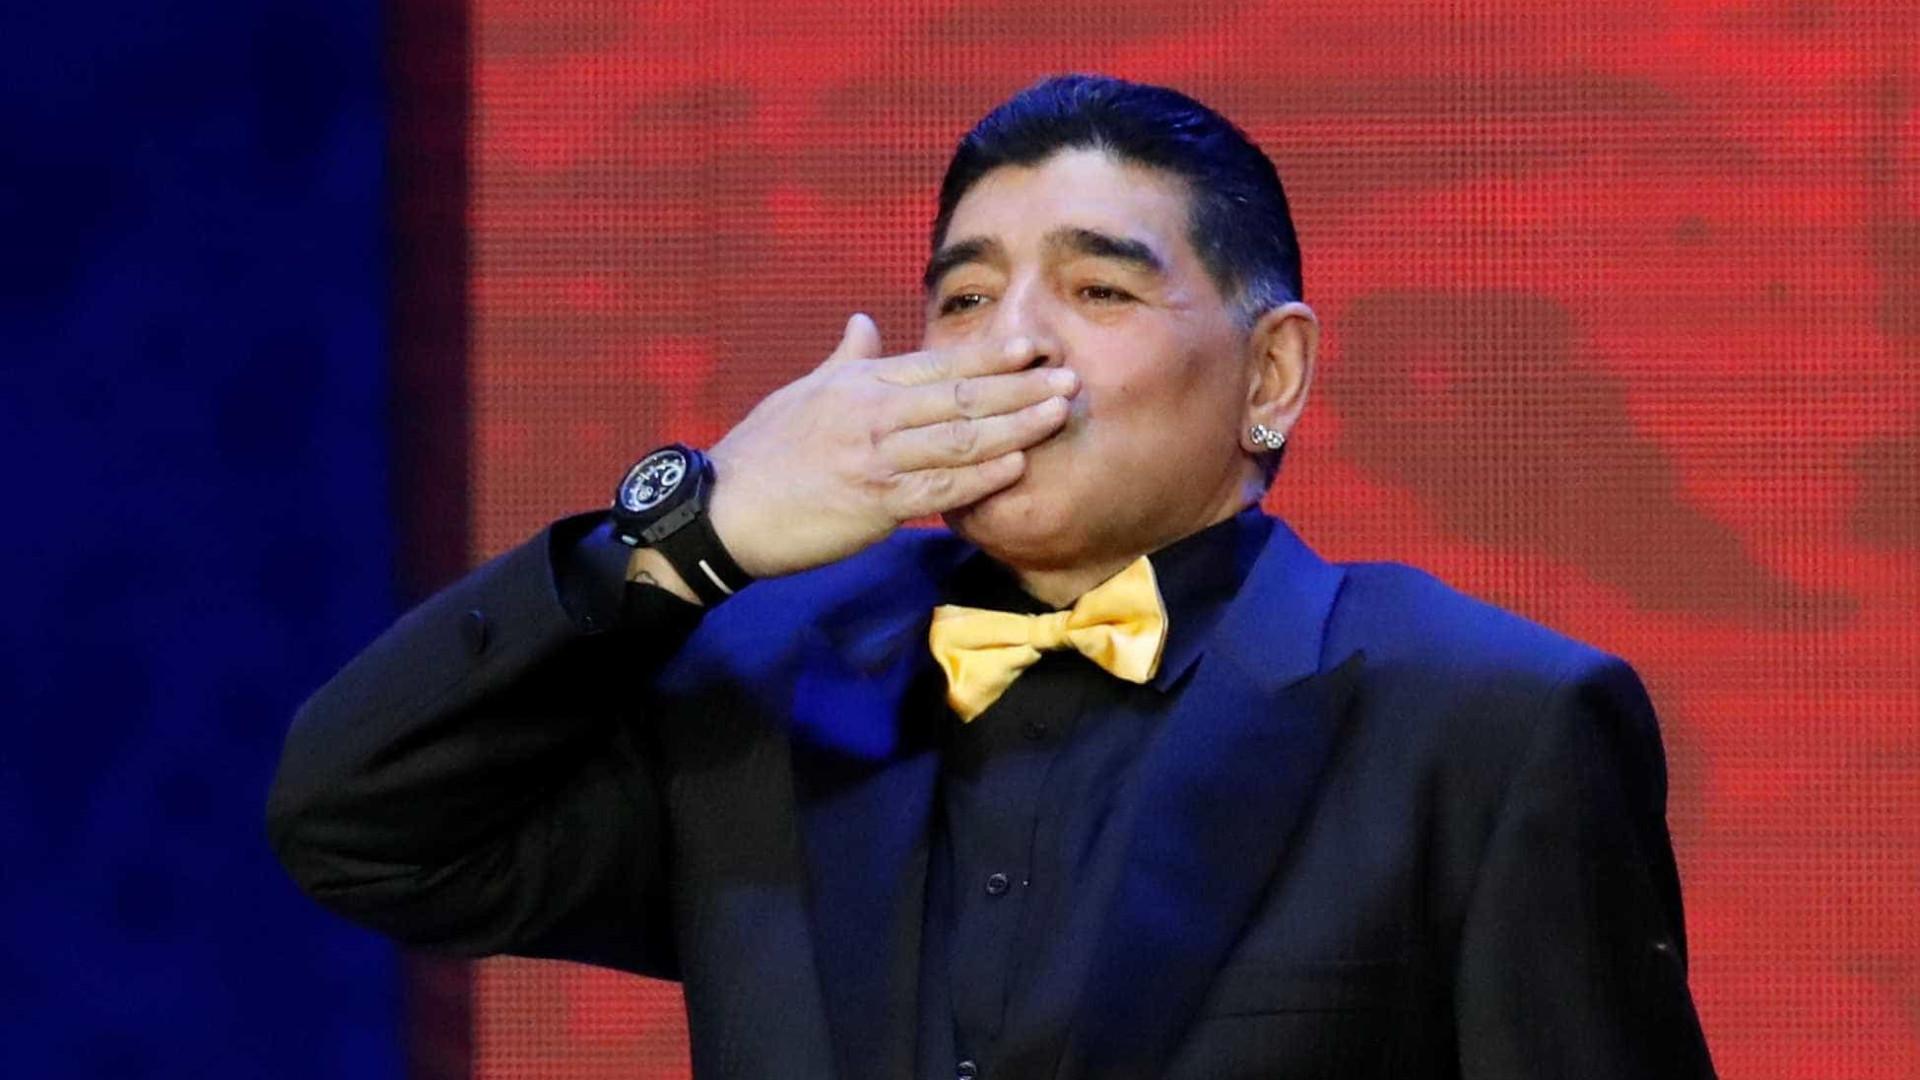 Maradona fez bem ao se drogar, diz ex-preparador do argentino